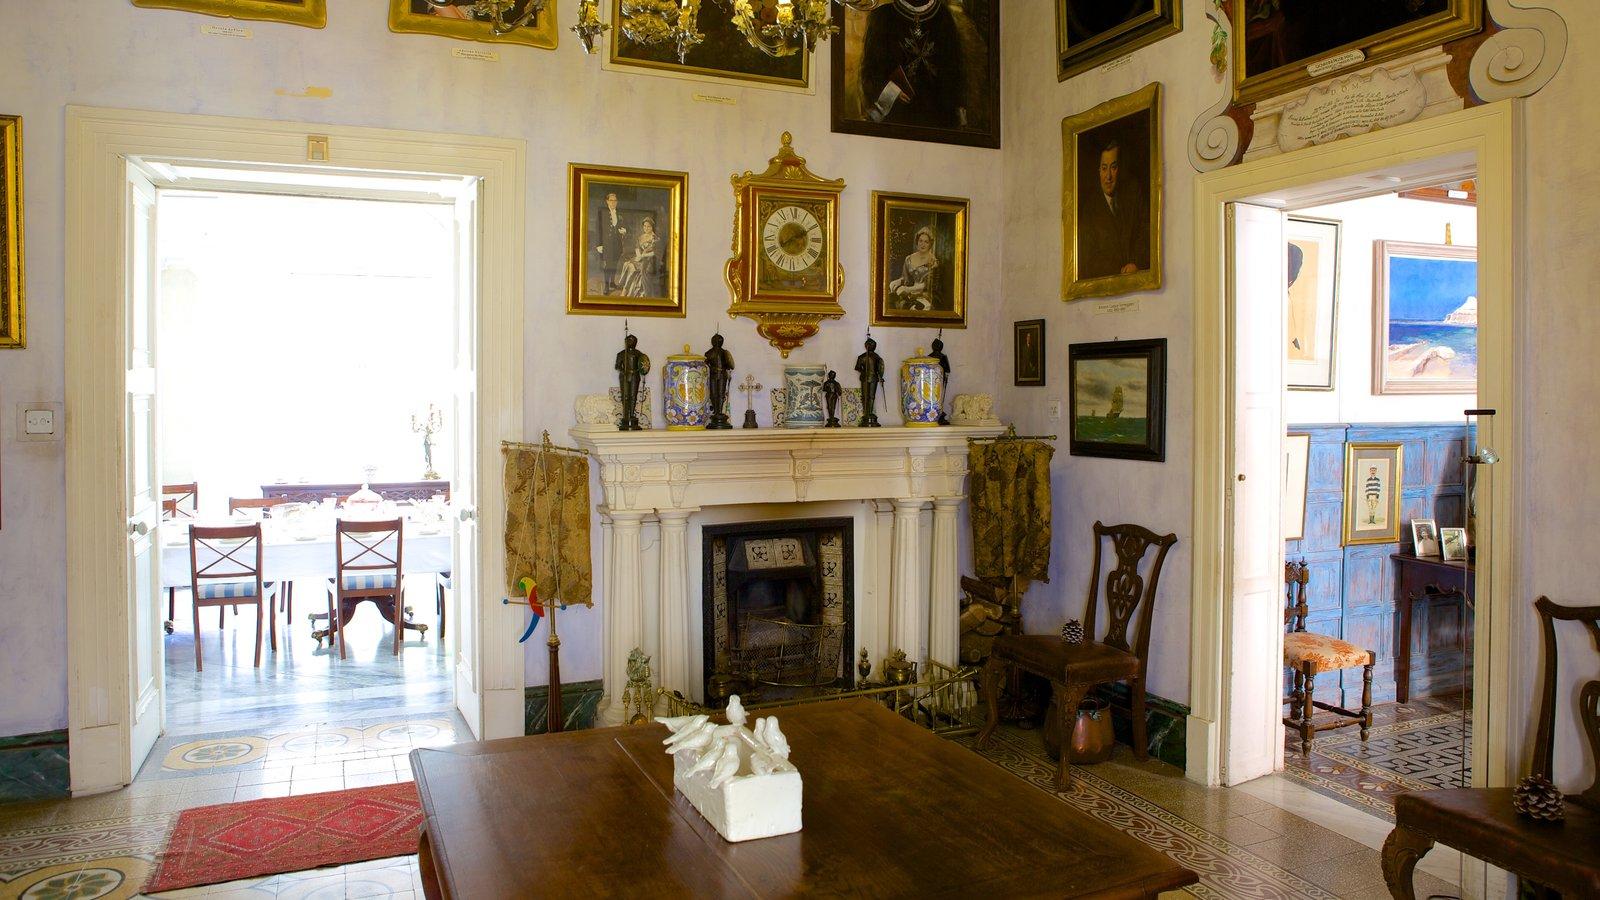 Casa Rocca Piccola mostrando vistas internas